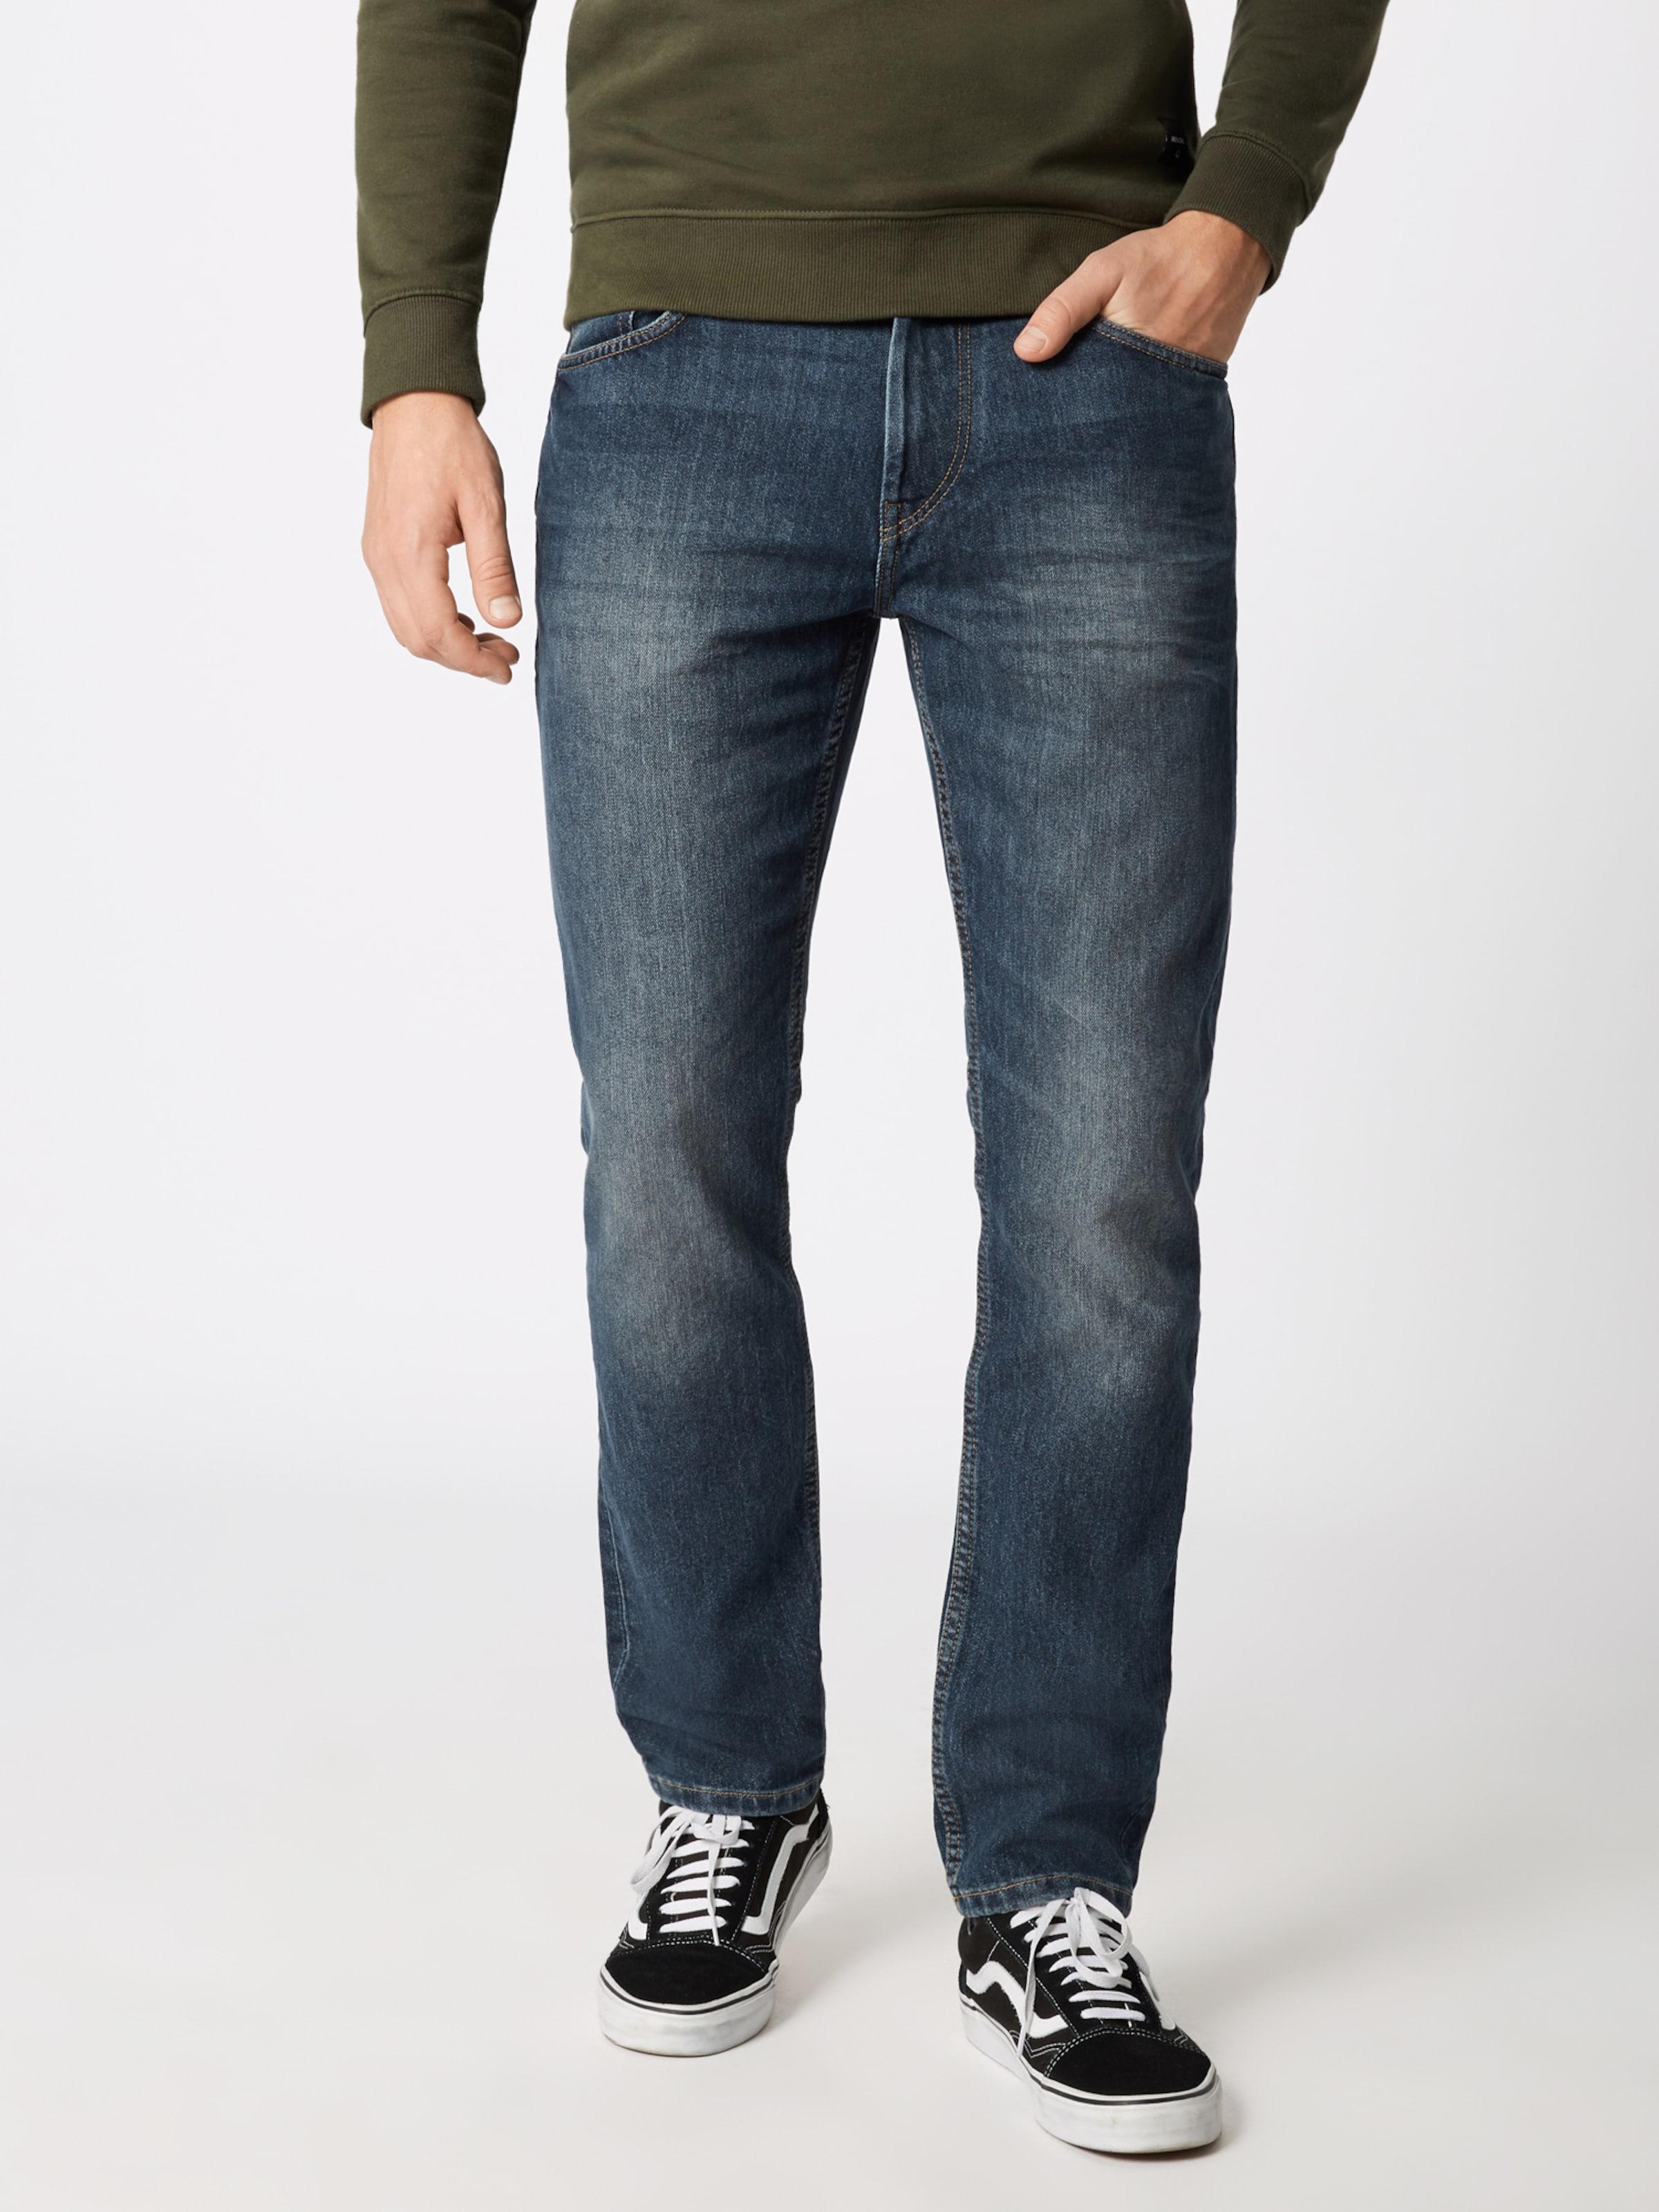 Jeans Dunkelblau Tom Tailor In 'marvin' rdCEoQBWex